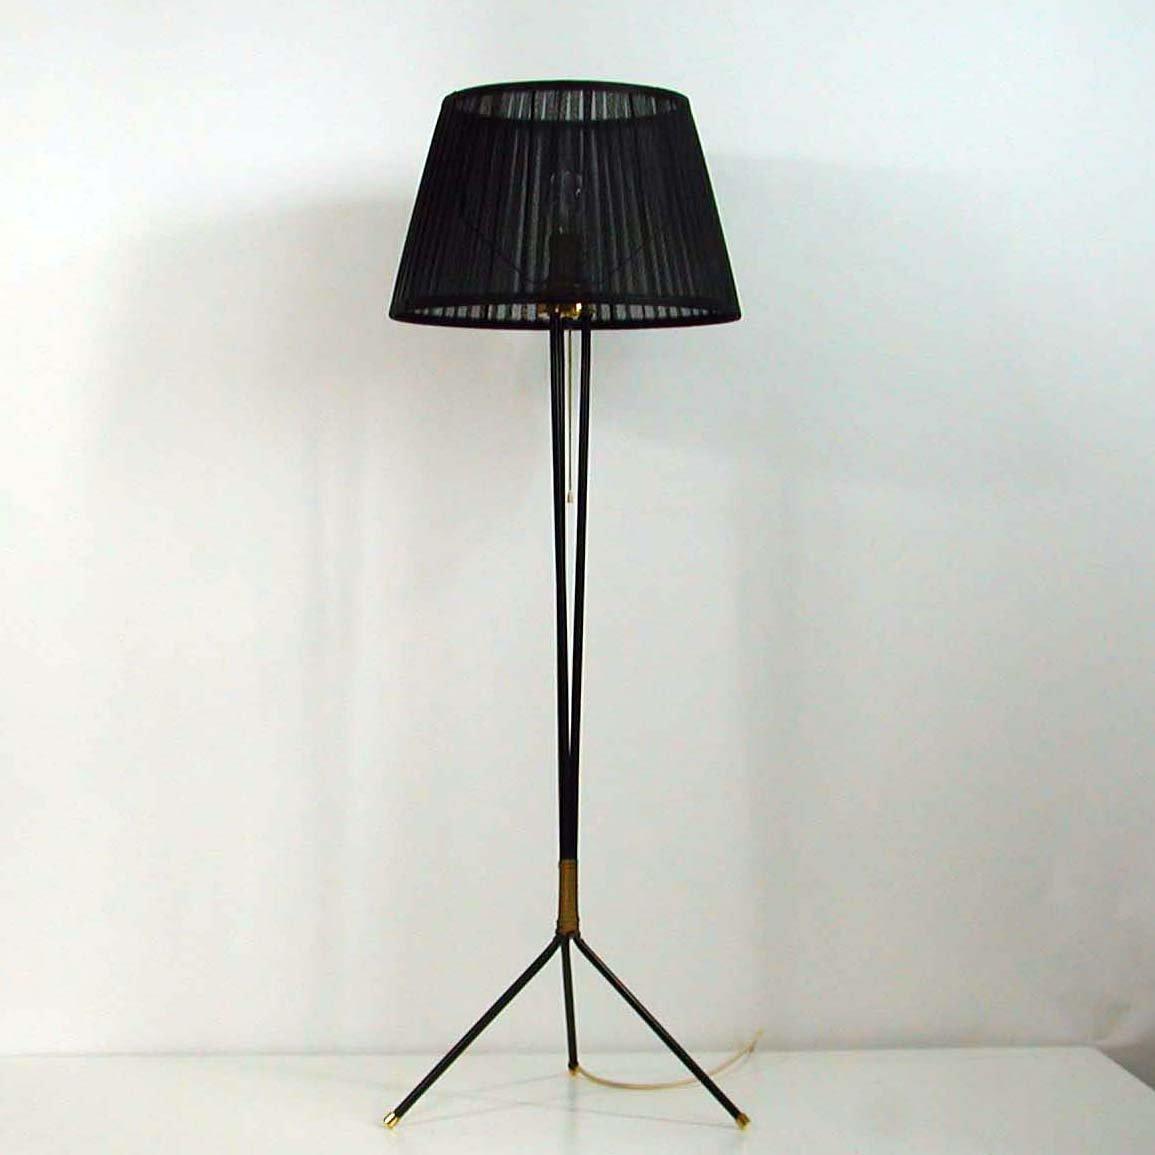 schwarze dreifu stehlampe 1950er bei pamono kaufen. Black Bedroom Furniture Sets. Home Design Ideas